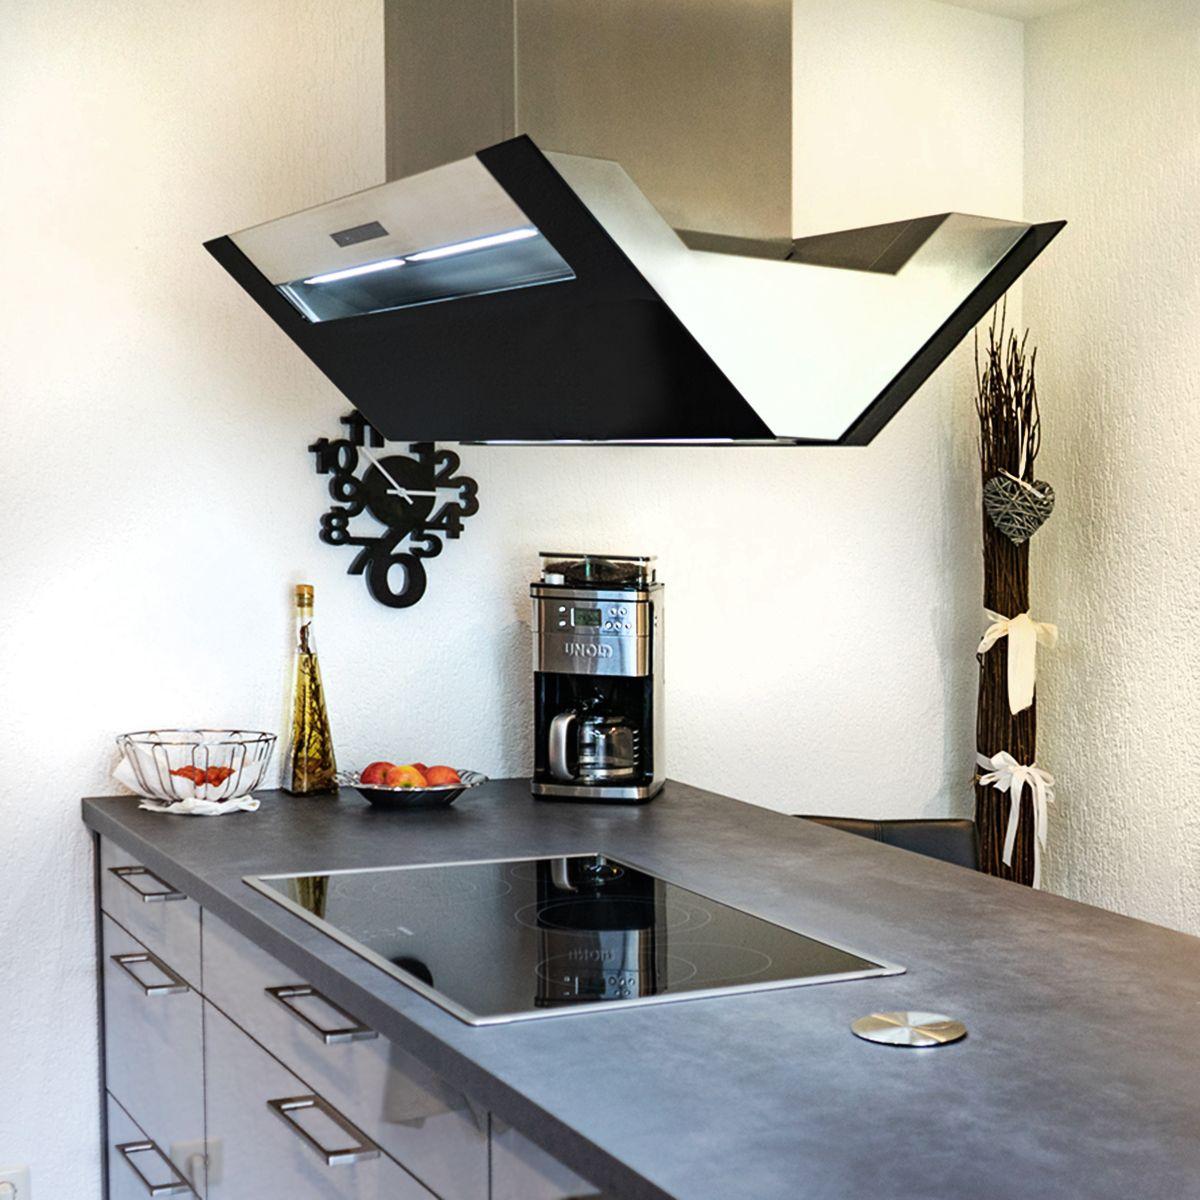 Full Size of Häcker Müllsystem 161 Besten Bilder Zu Kundenkchen Ausstellungskchen Küche Wohnzimmer Häcker Müllsystem